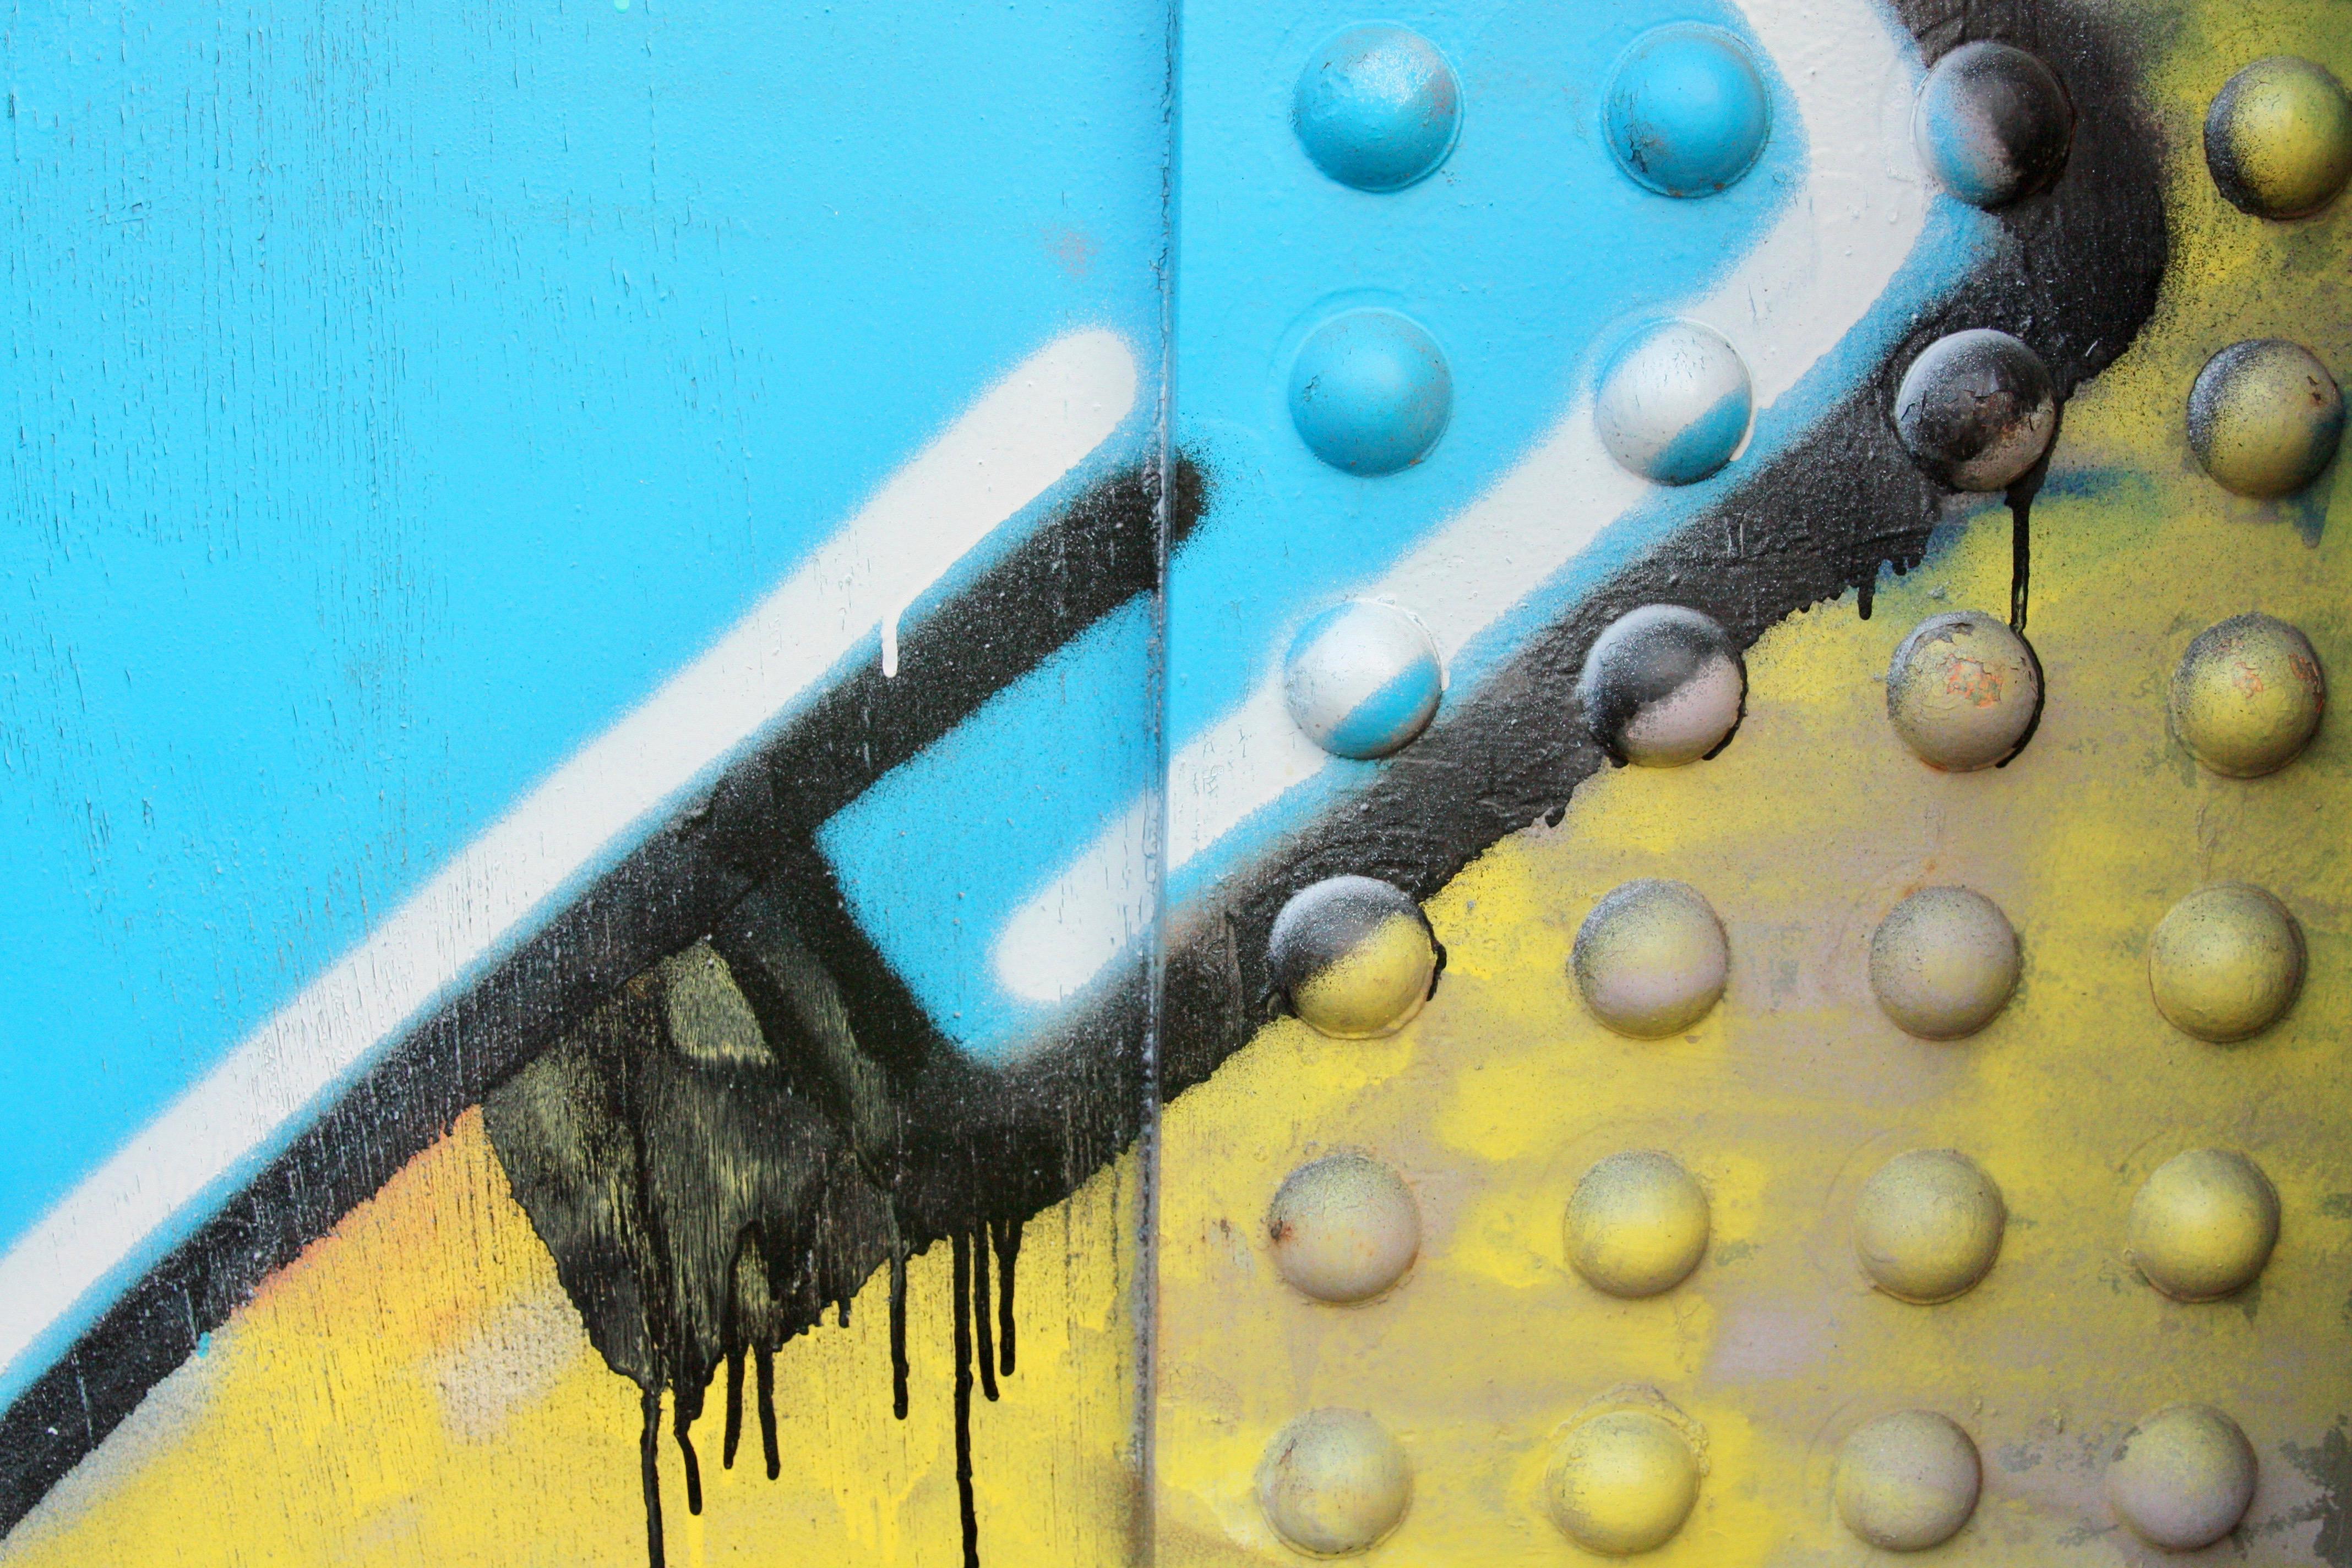 A close look at bridge graffiti.